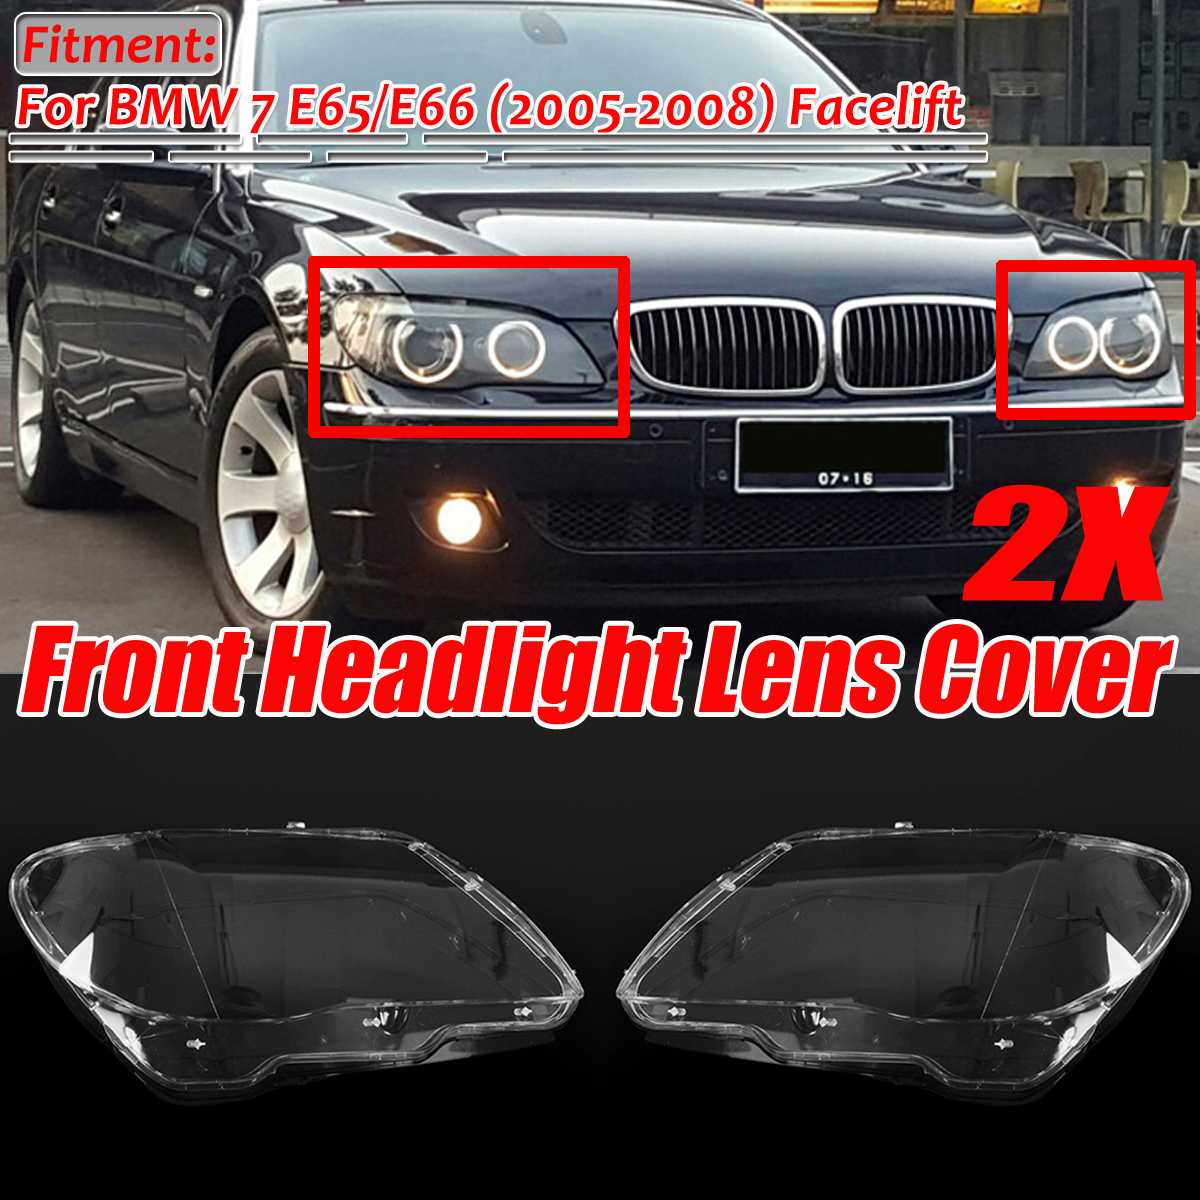 E65 / E66 Car Front Headlight Headlamp Lens Cover Shell 4769886123 For BMW 7 E65 E66 LCI 2005-2008 Headlight Lense Cover Trim